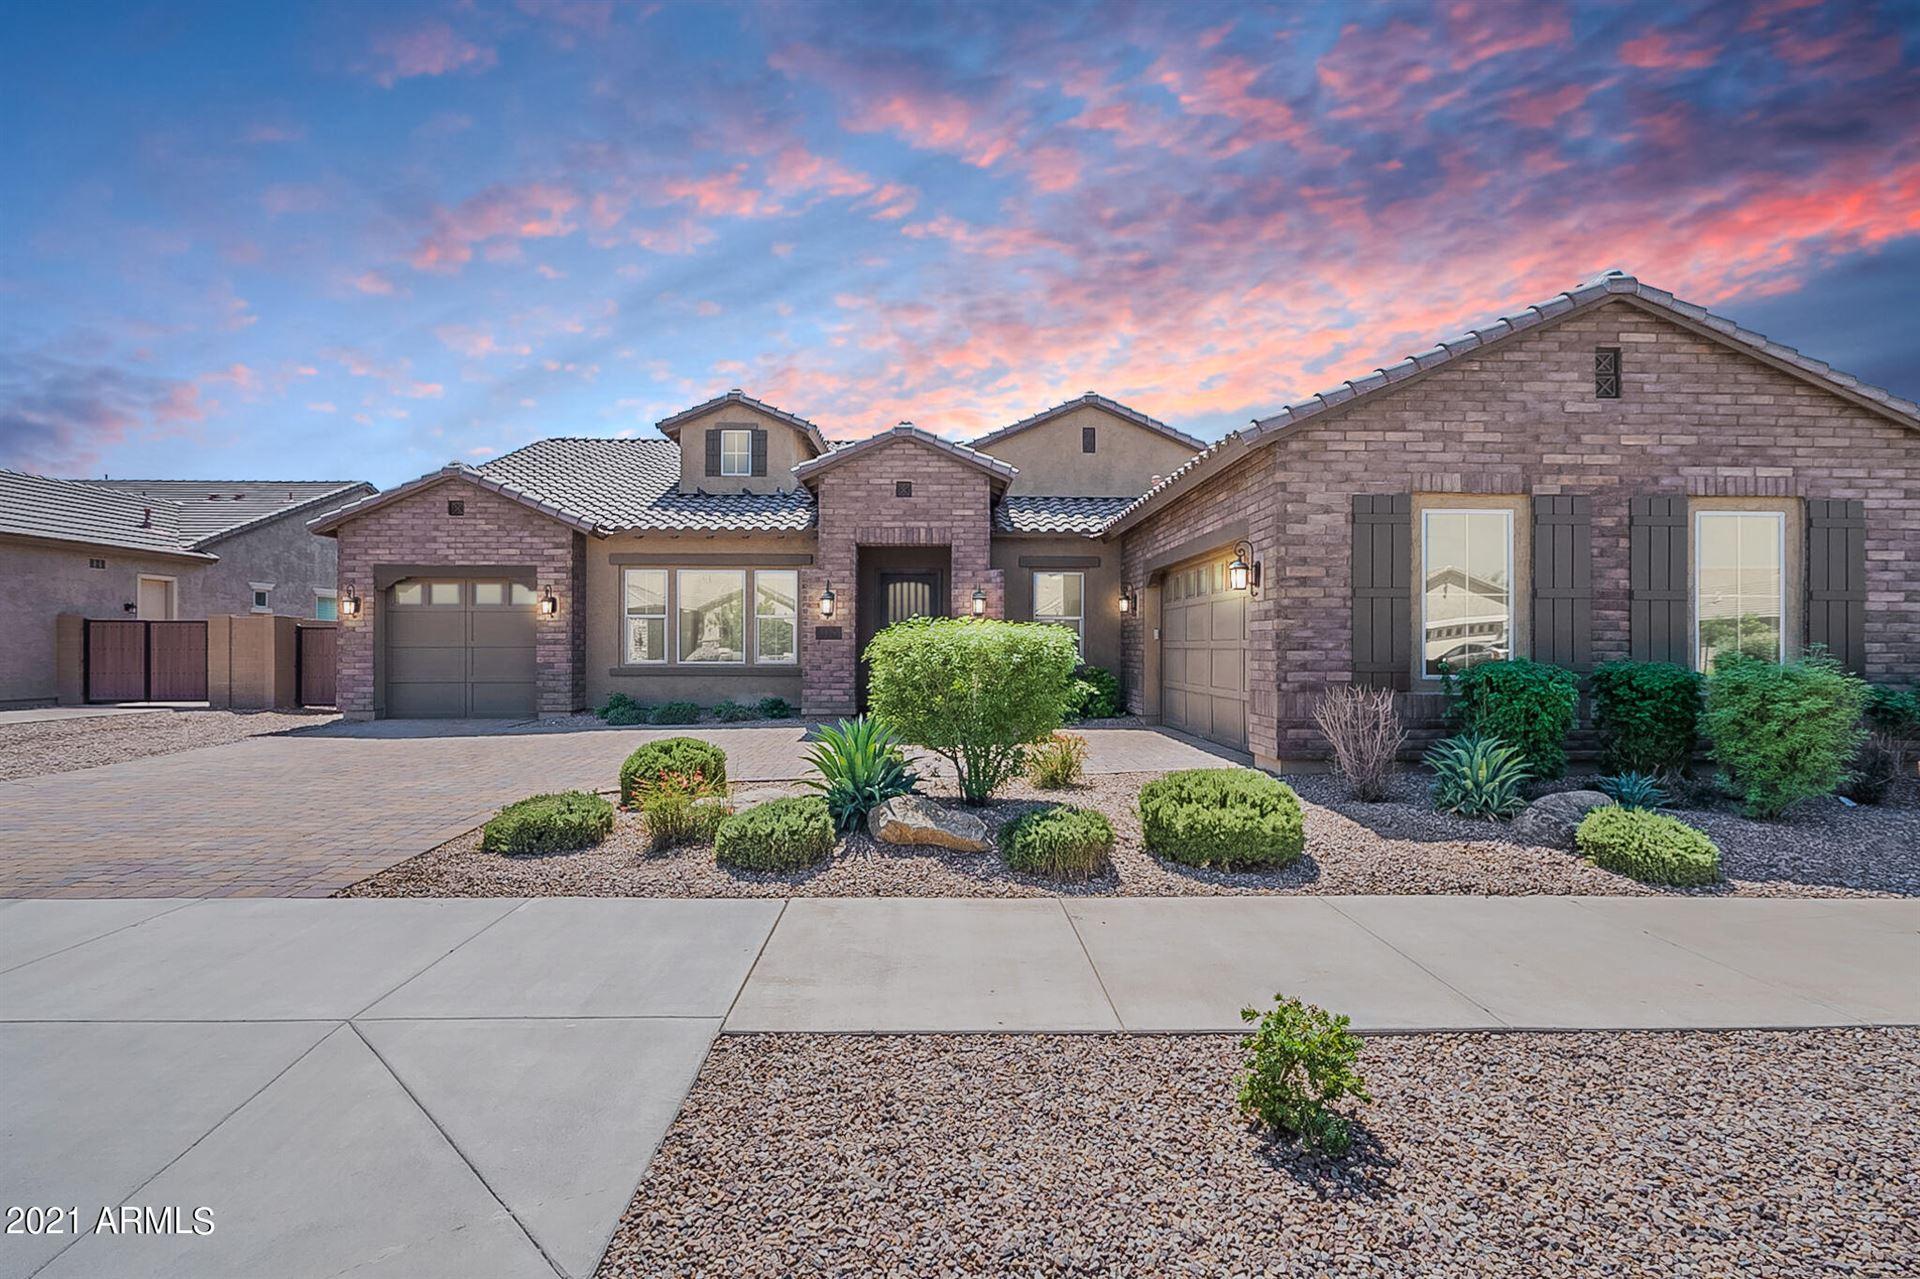 Photo of 22289 E CAMACHO Road, Queen Creek, AZ 85142 (MLS # 6294242)